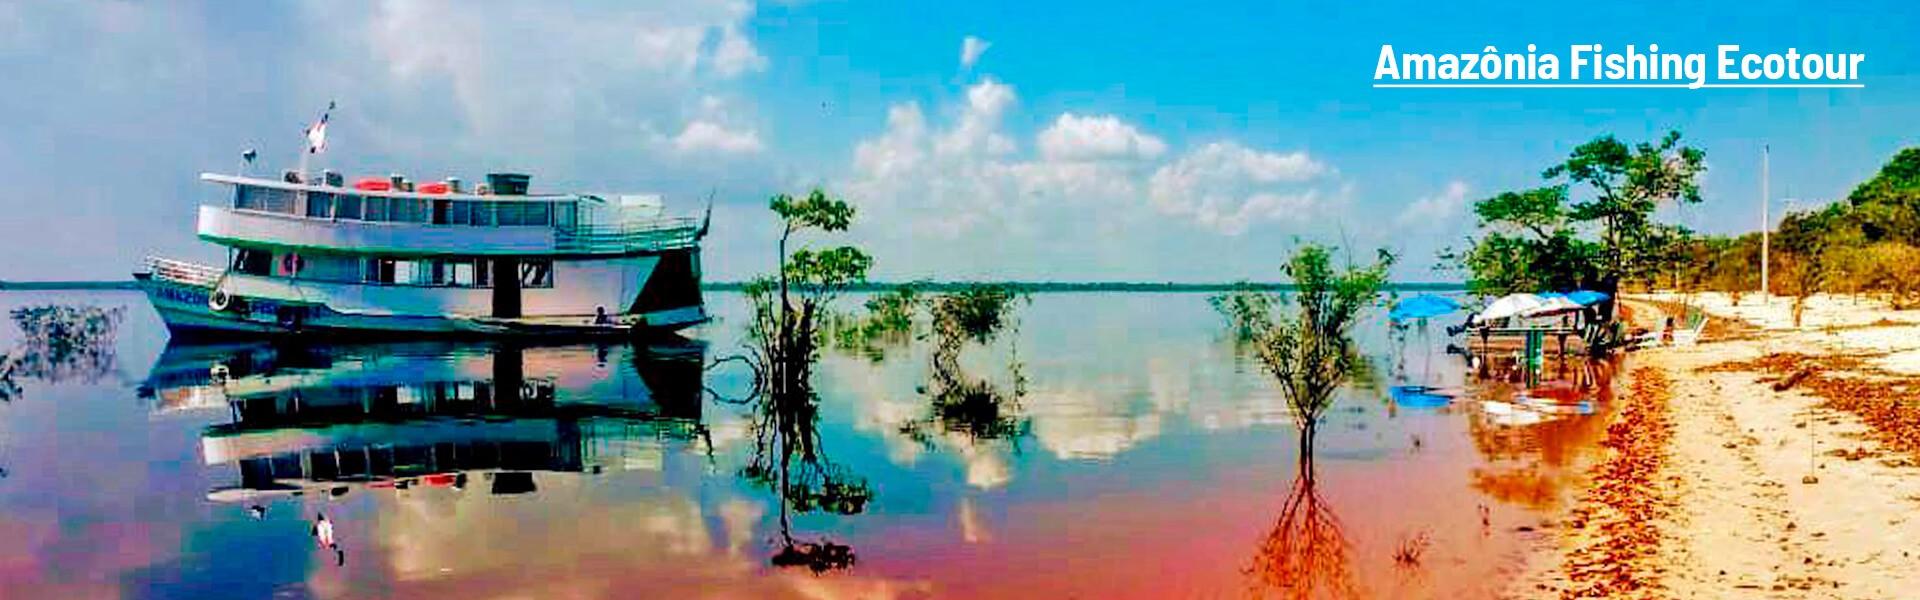 Amazônia Fishing Ecotour segue com a Fish TV